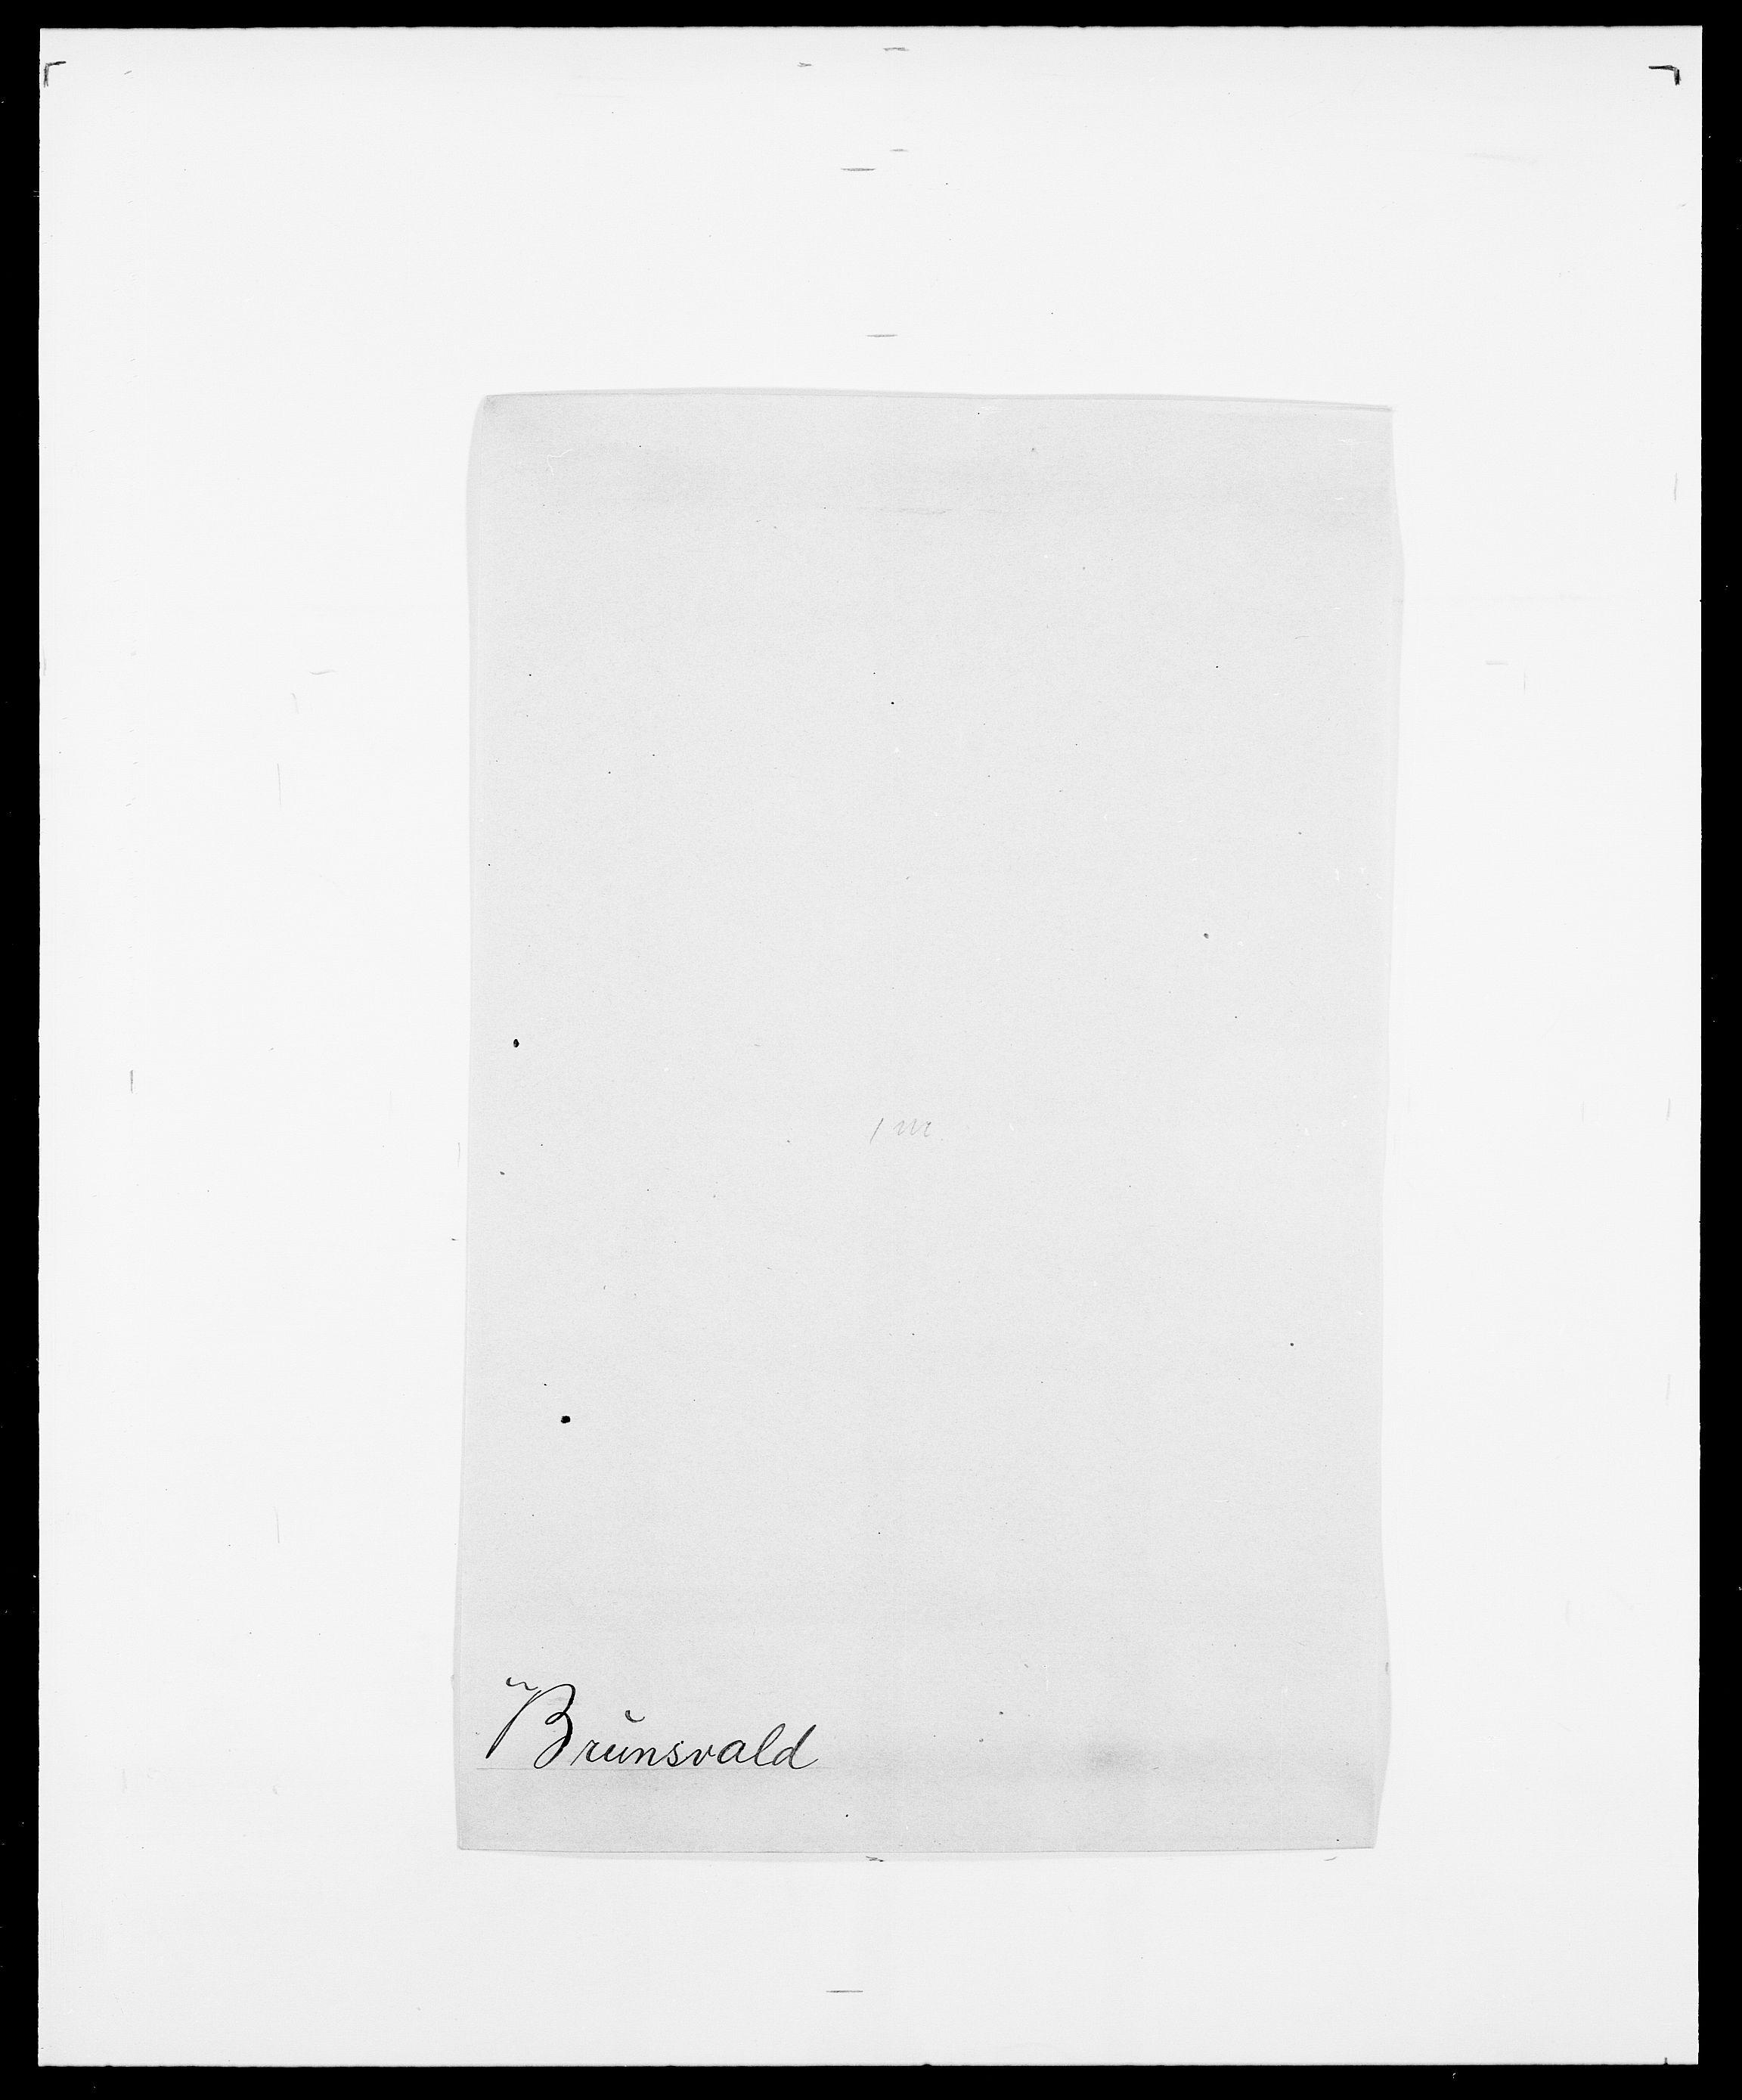 SAO, Delgobe, Charles Antoine - samling, D/Da/L0006: Brambani - Brønø, s. 843